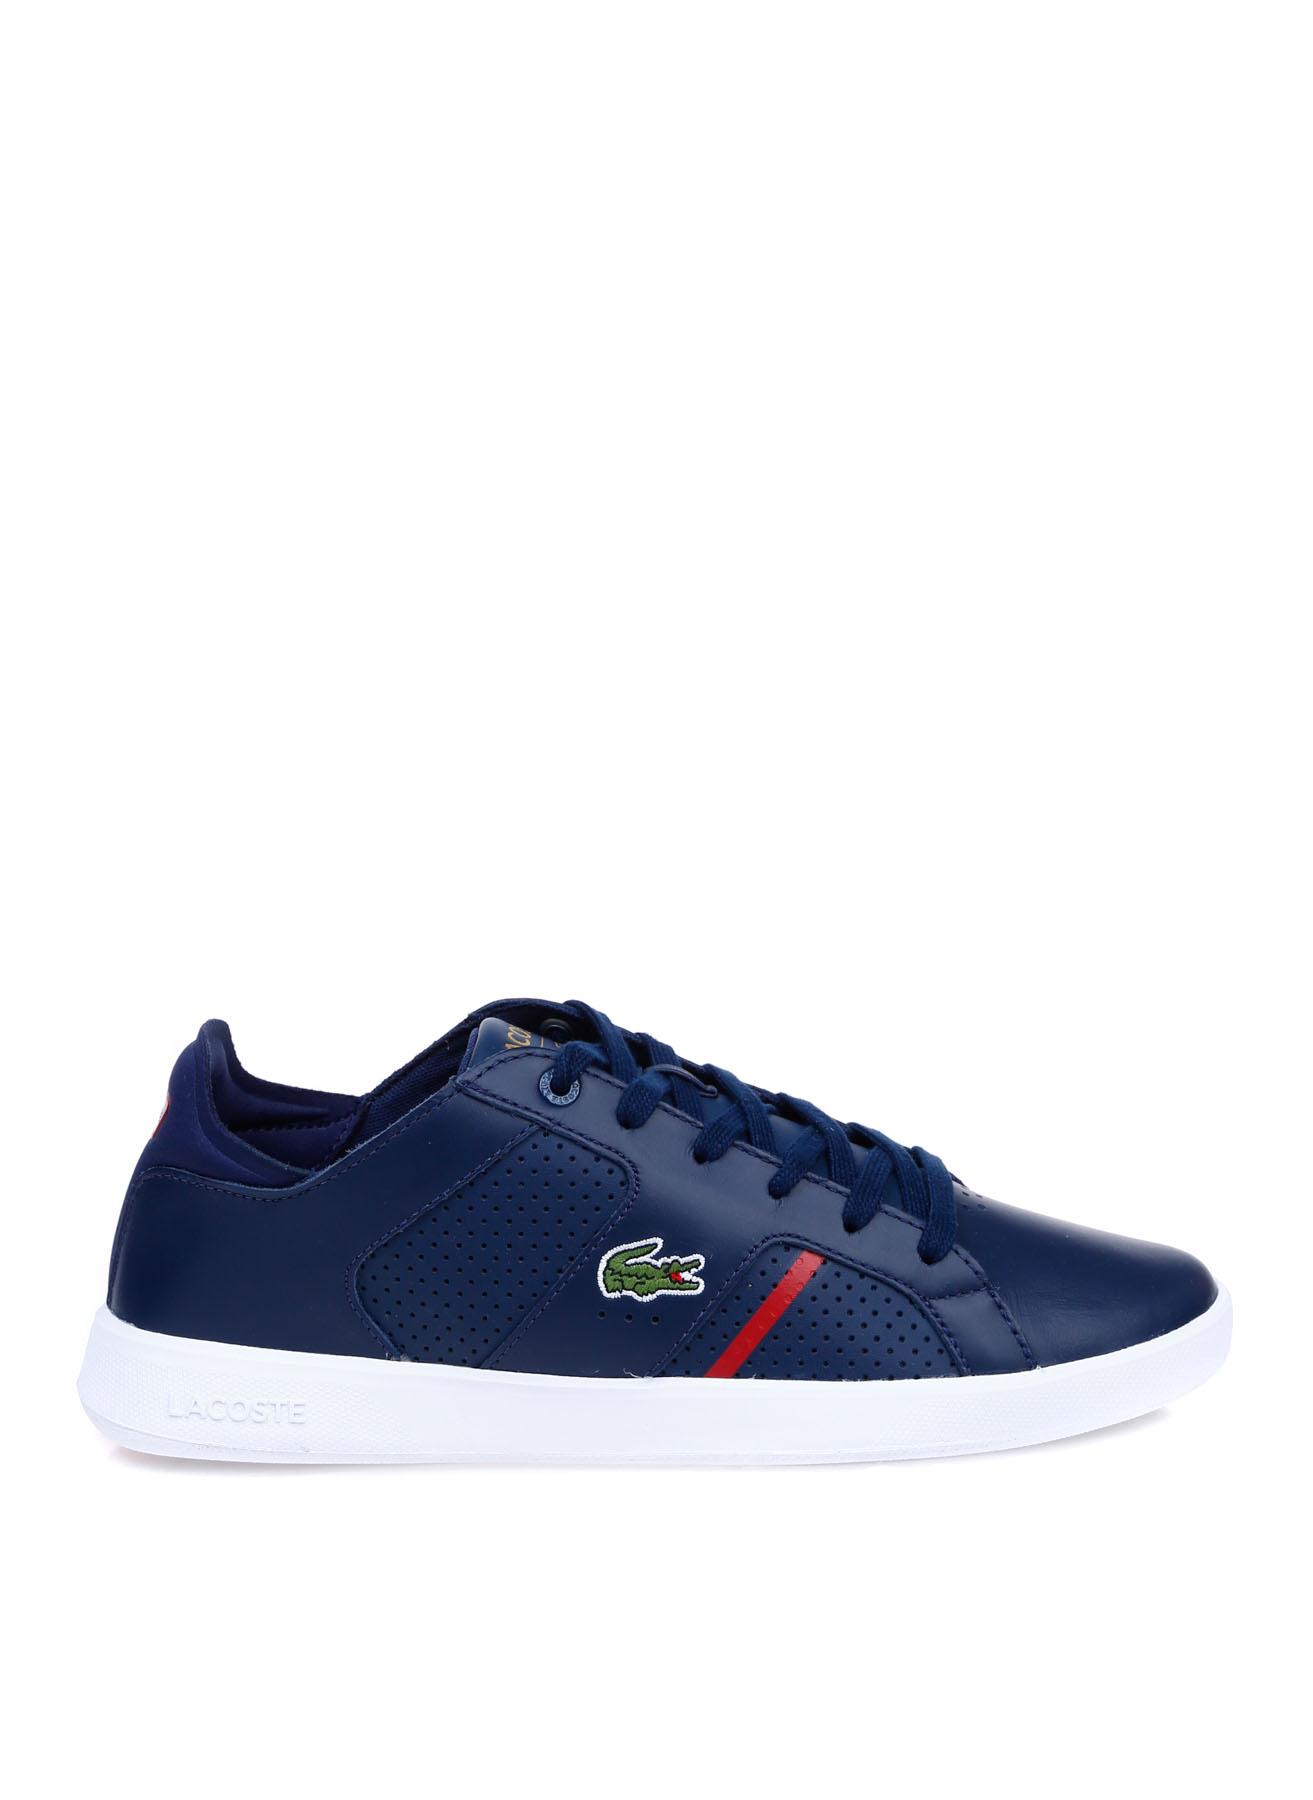 Lacoste Erkek Deri Lacivert Lifestyle Ayakkabı 43 5002314216005 Ürün Resmi